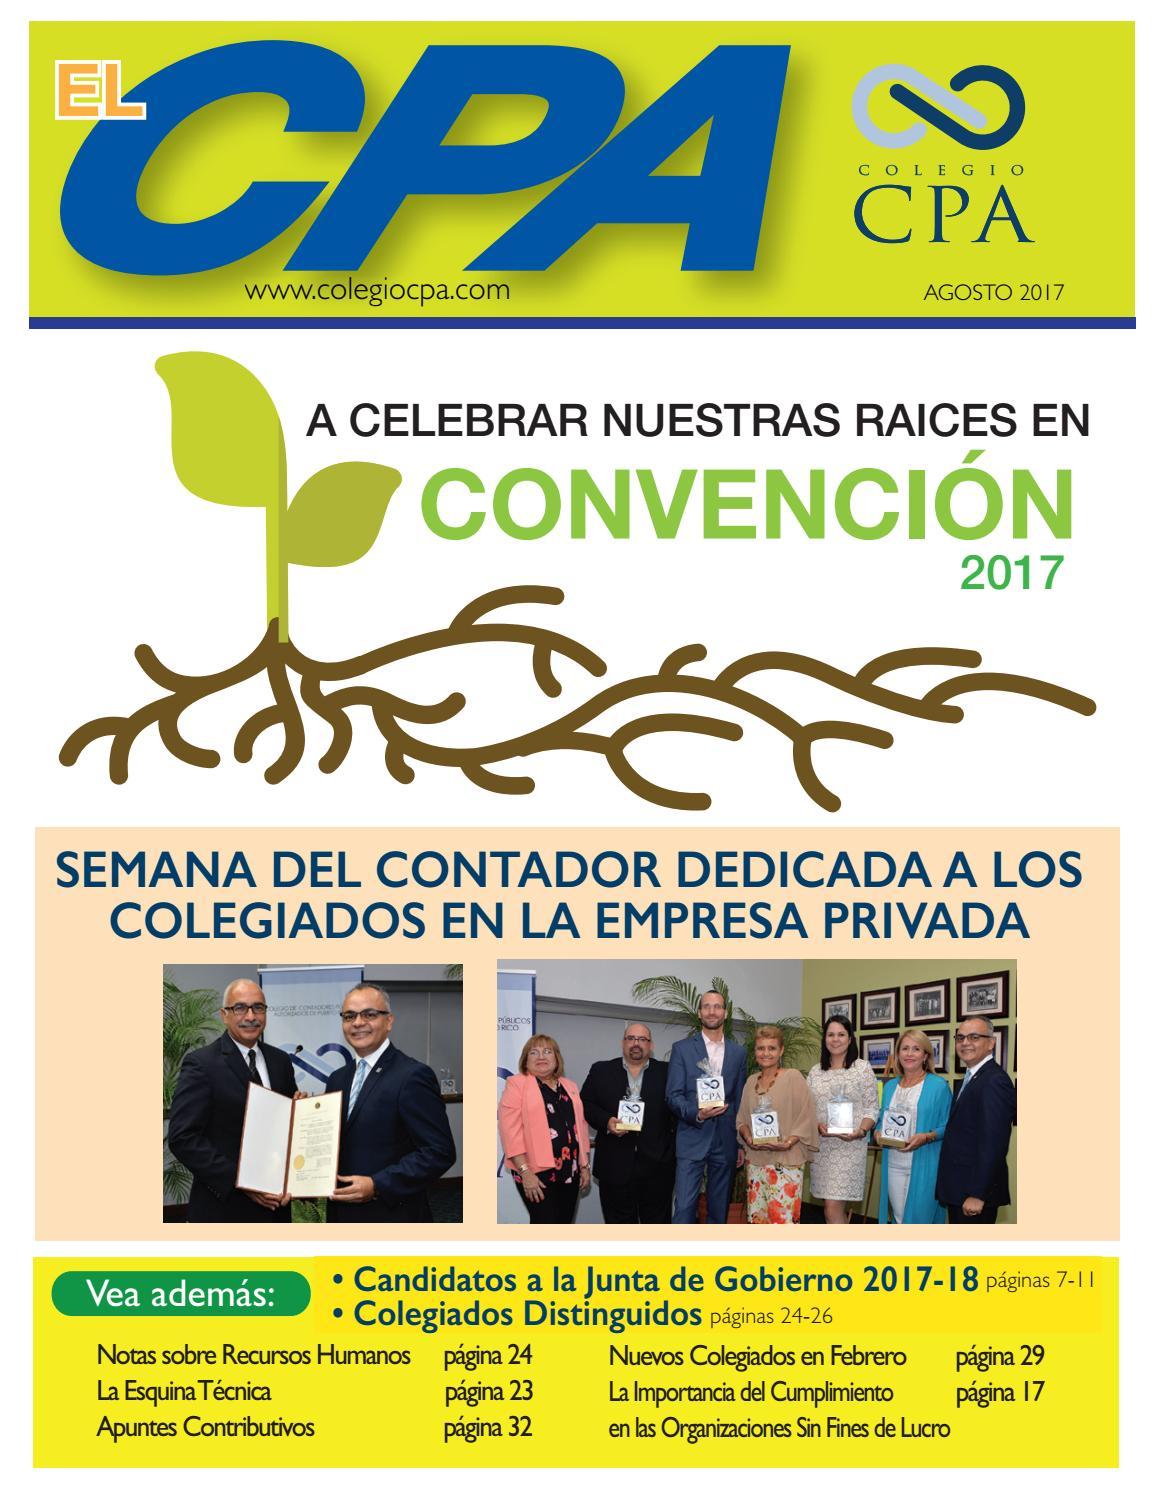 Beneficios de carrera para los CPA que obtengan su CITP